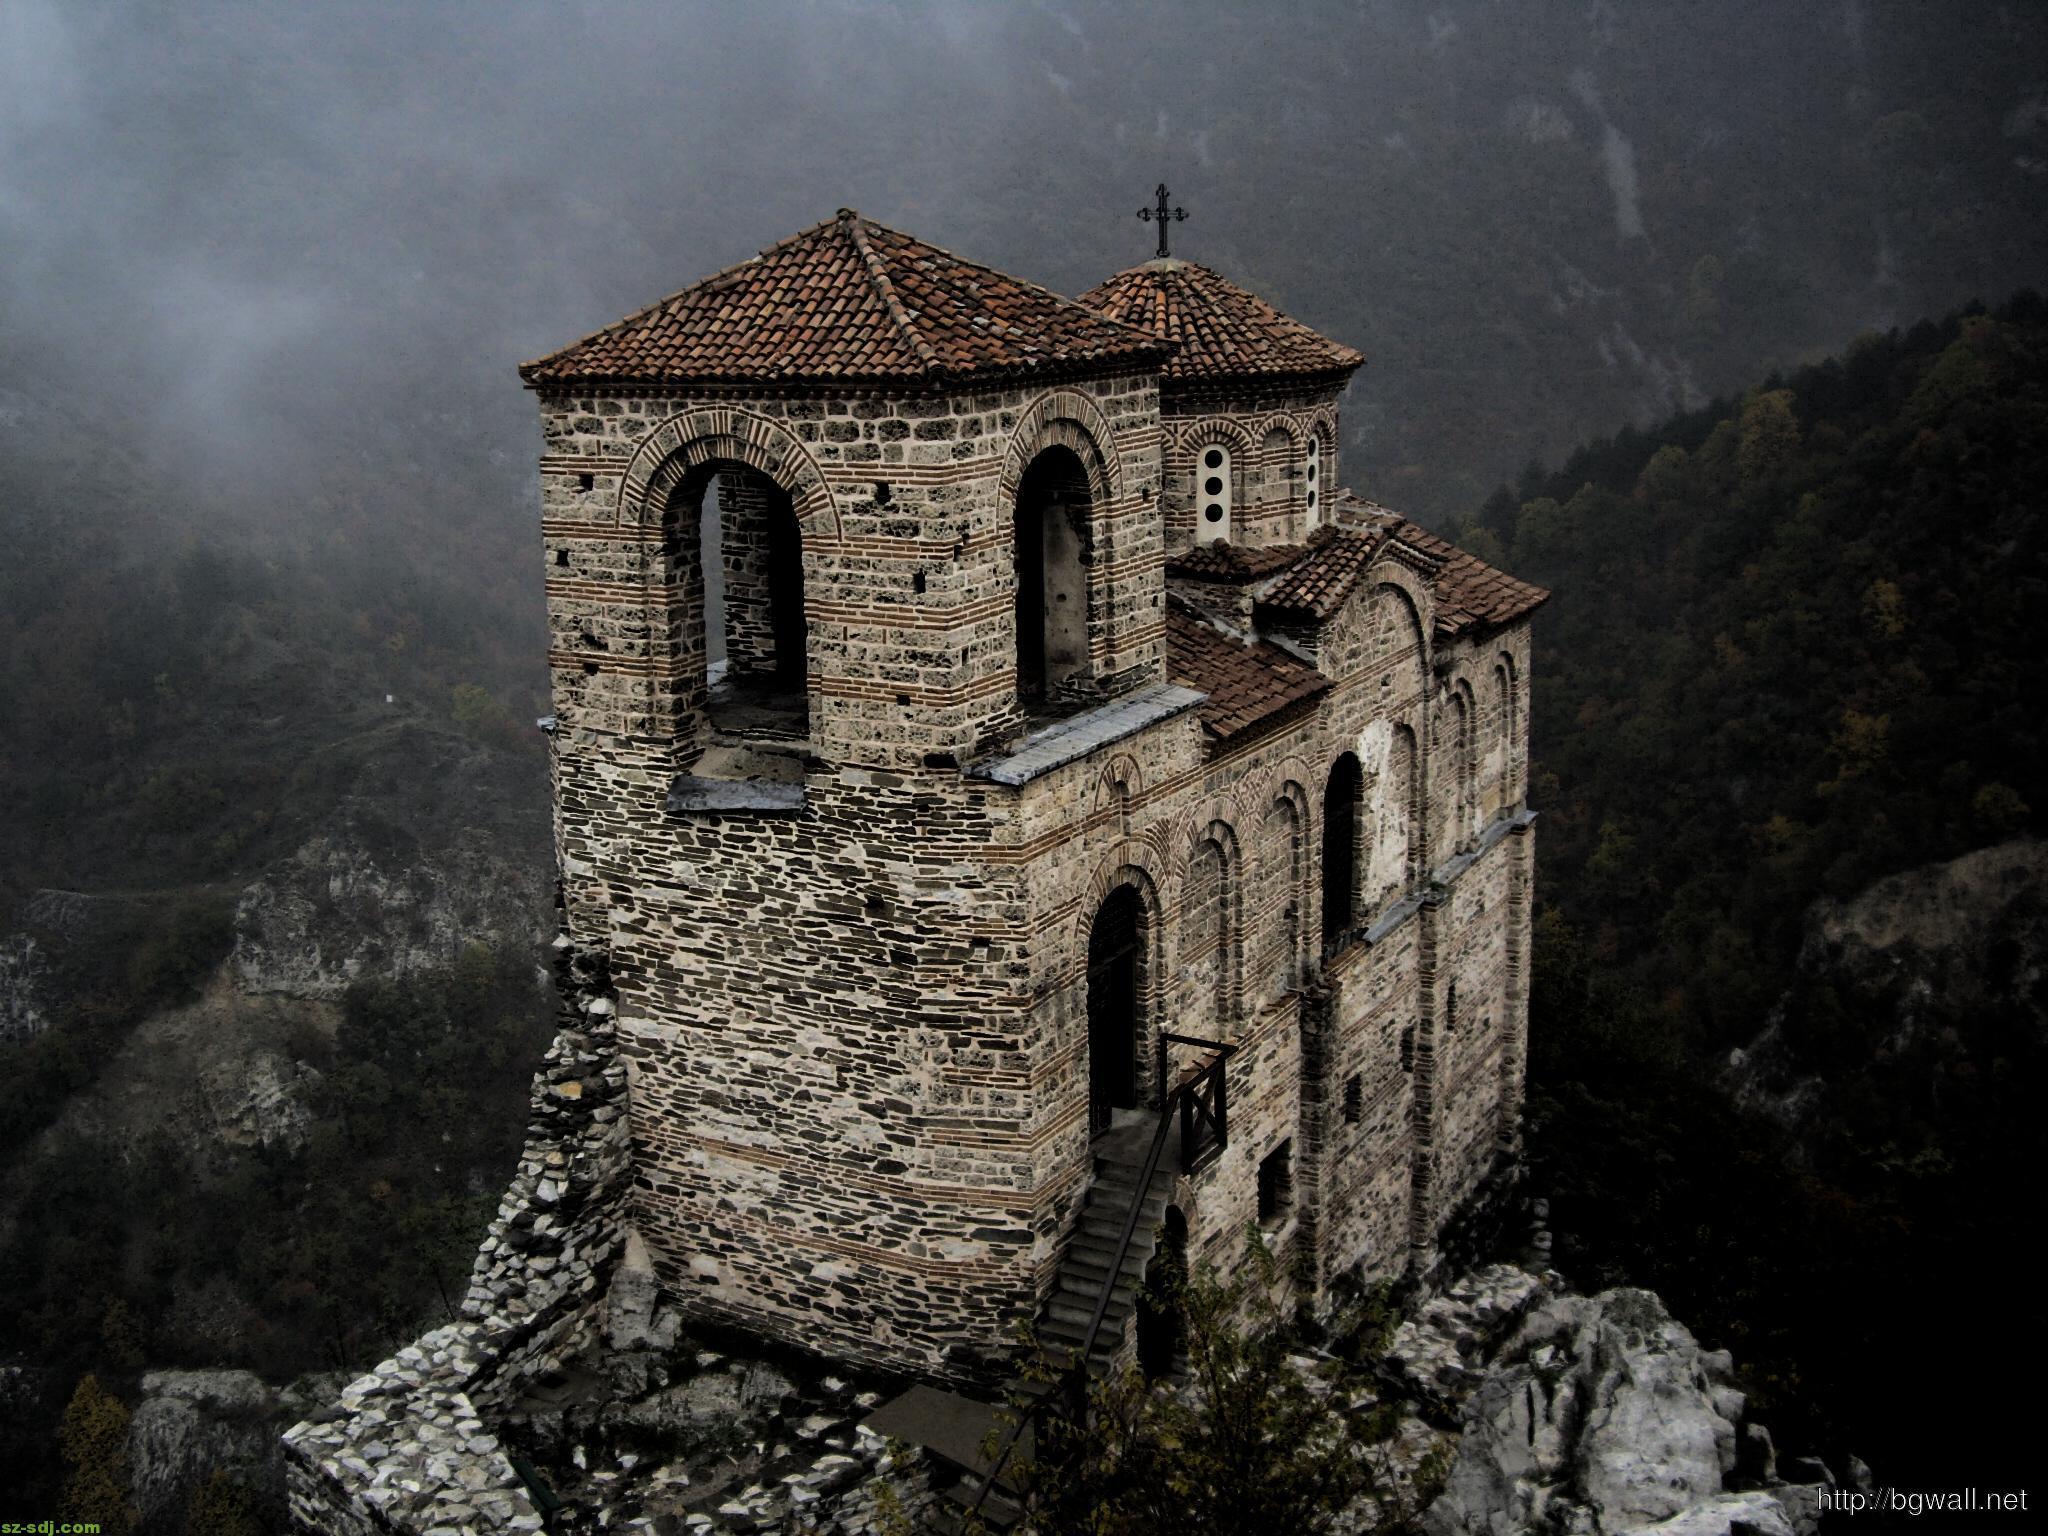 castle-landscape-at-mountain-wallpaper